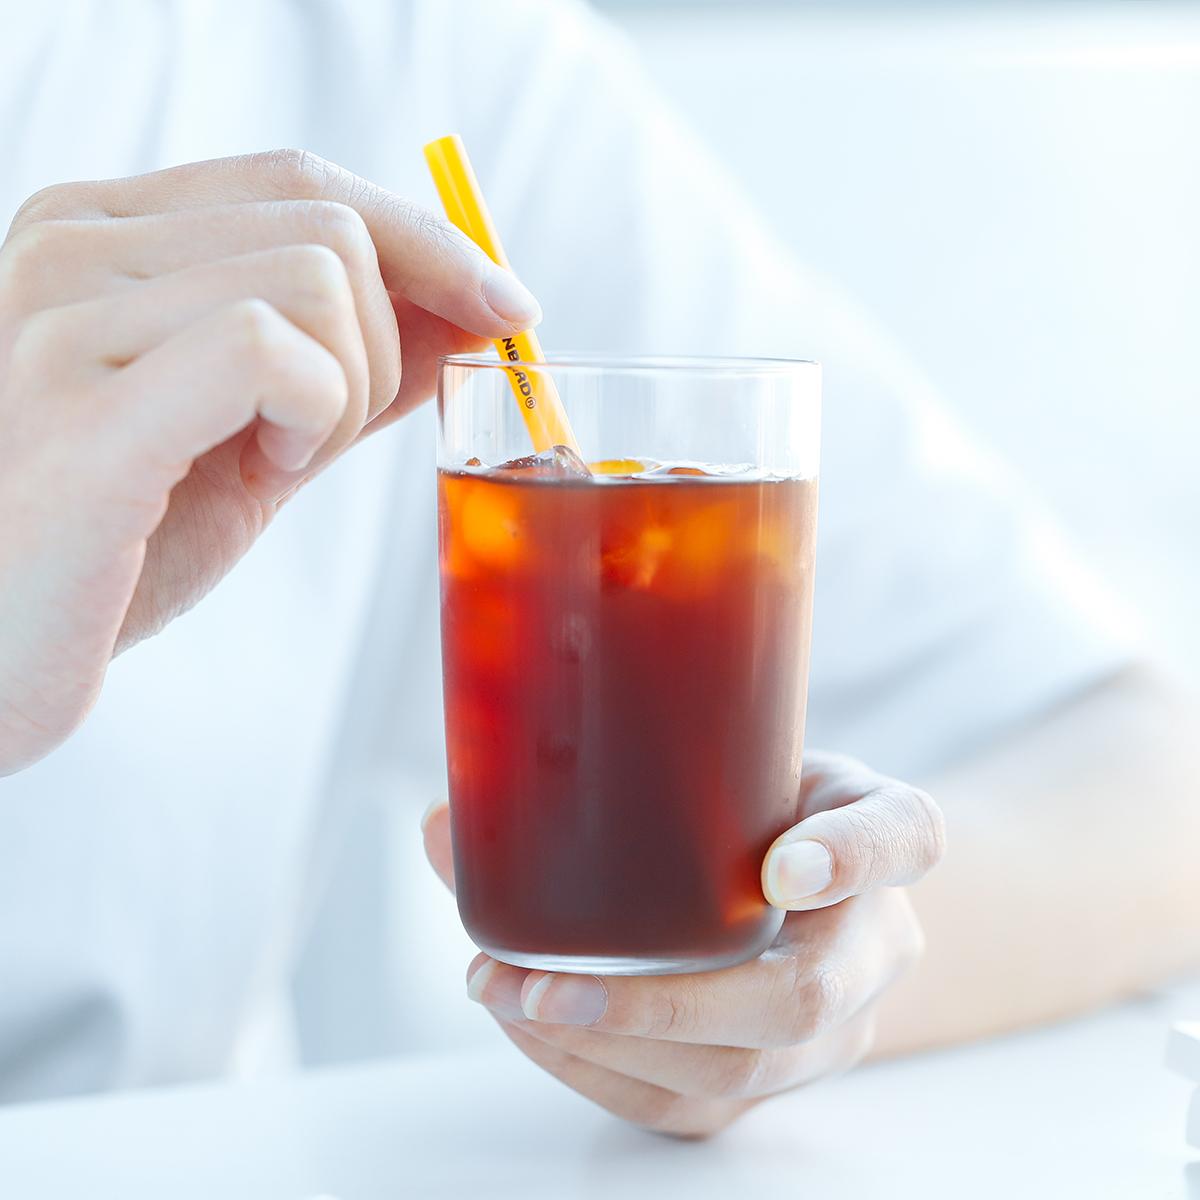 [即溶型咖啡粉] 基础快饮装 三风味可选 18颗装(2g/颗) 商品图1